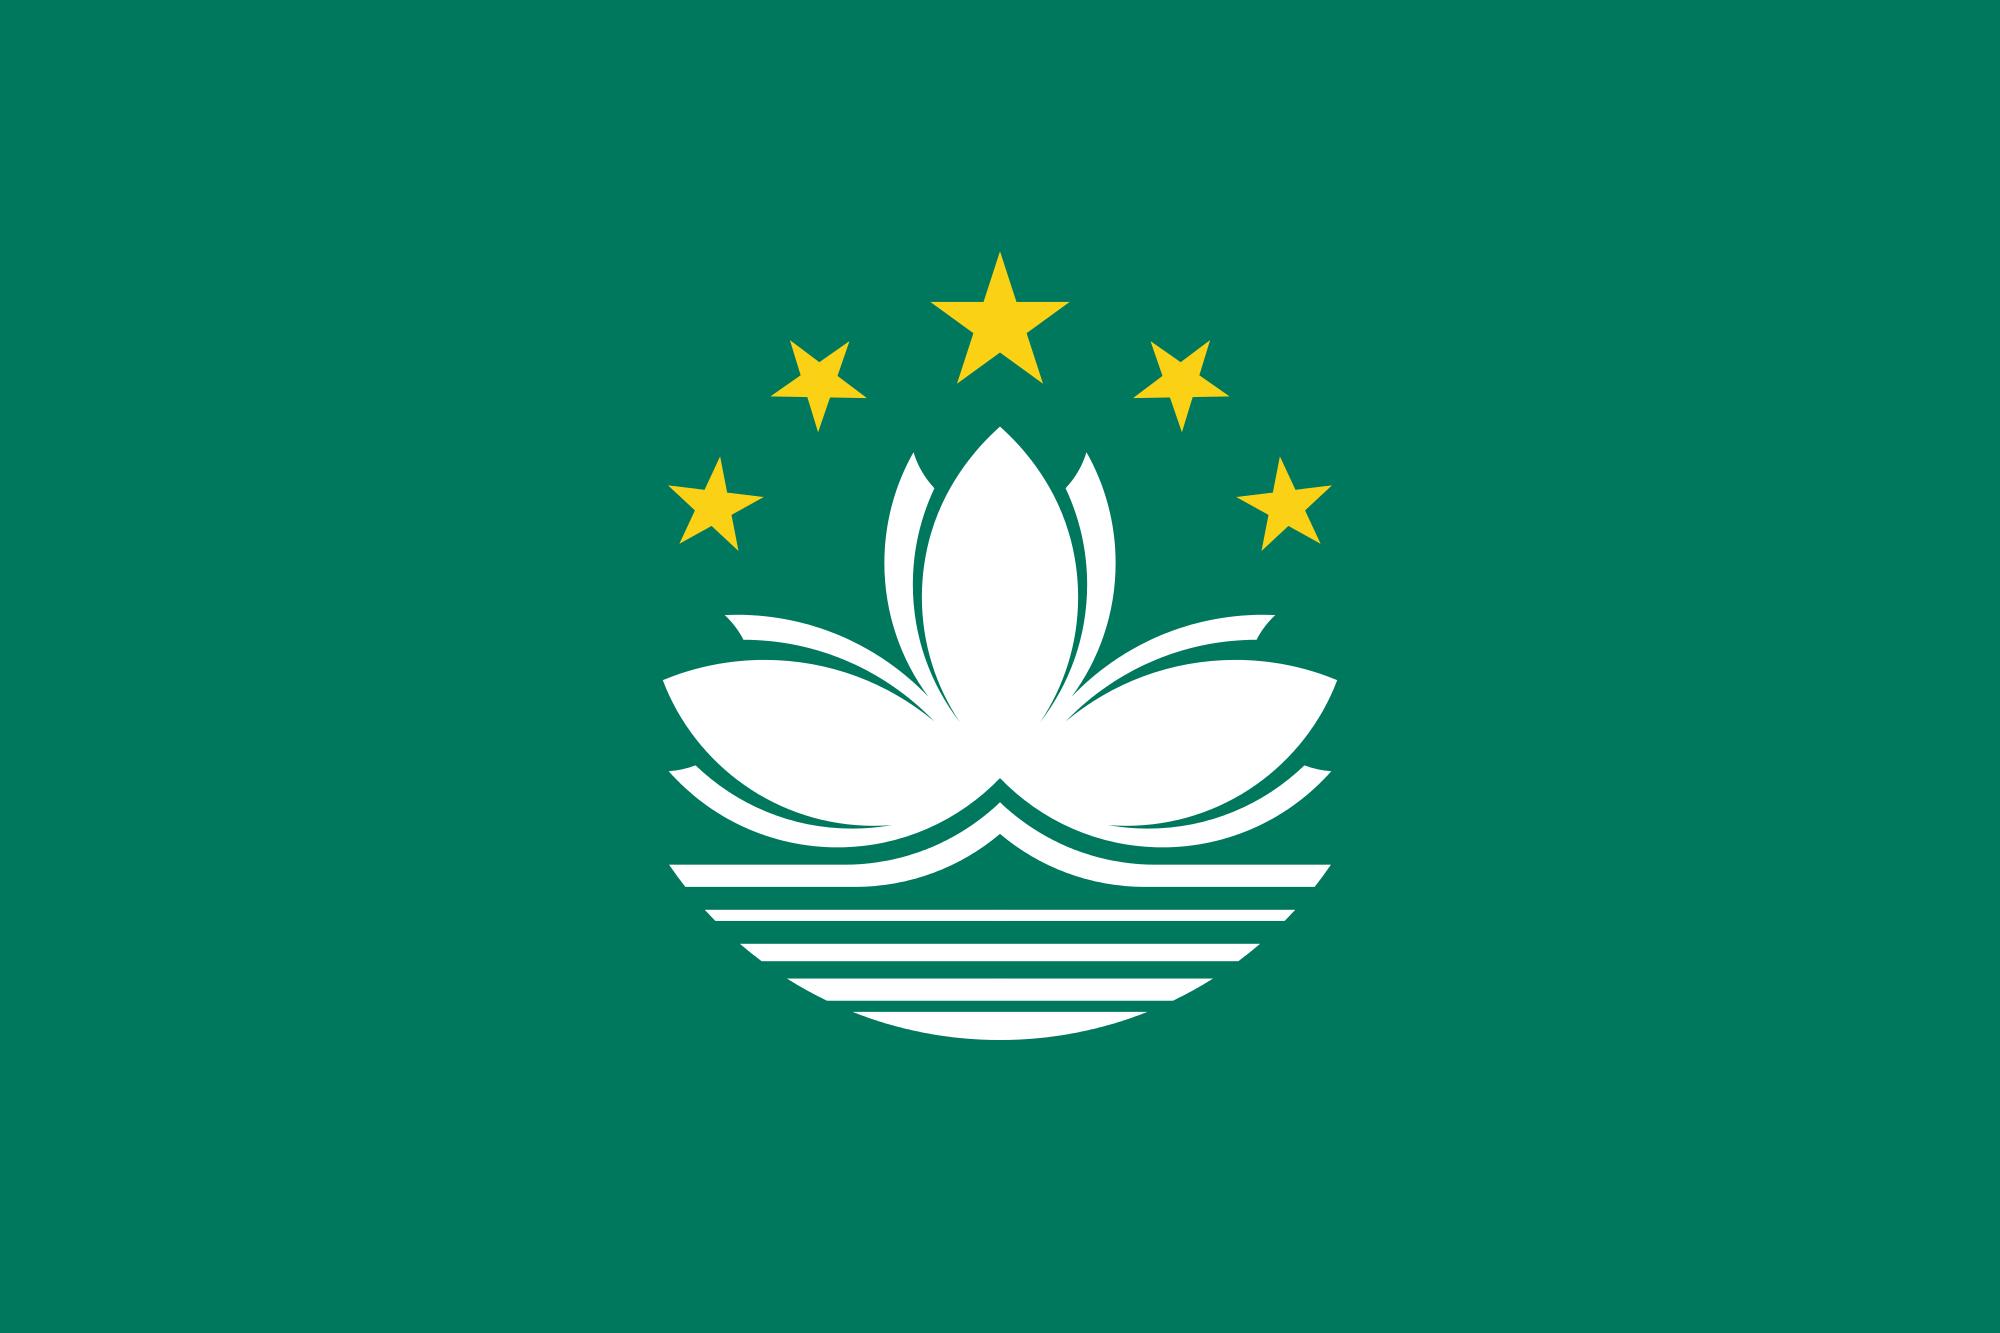 파일:마카오 특별행정구기.png